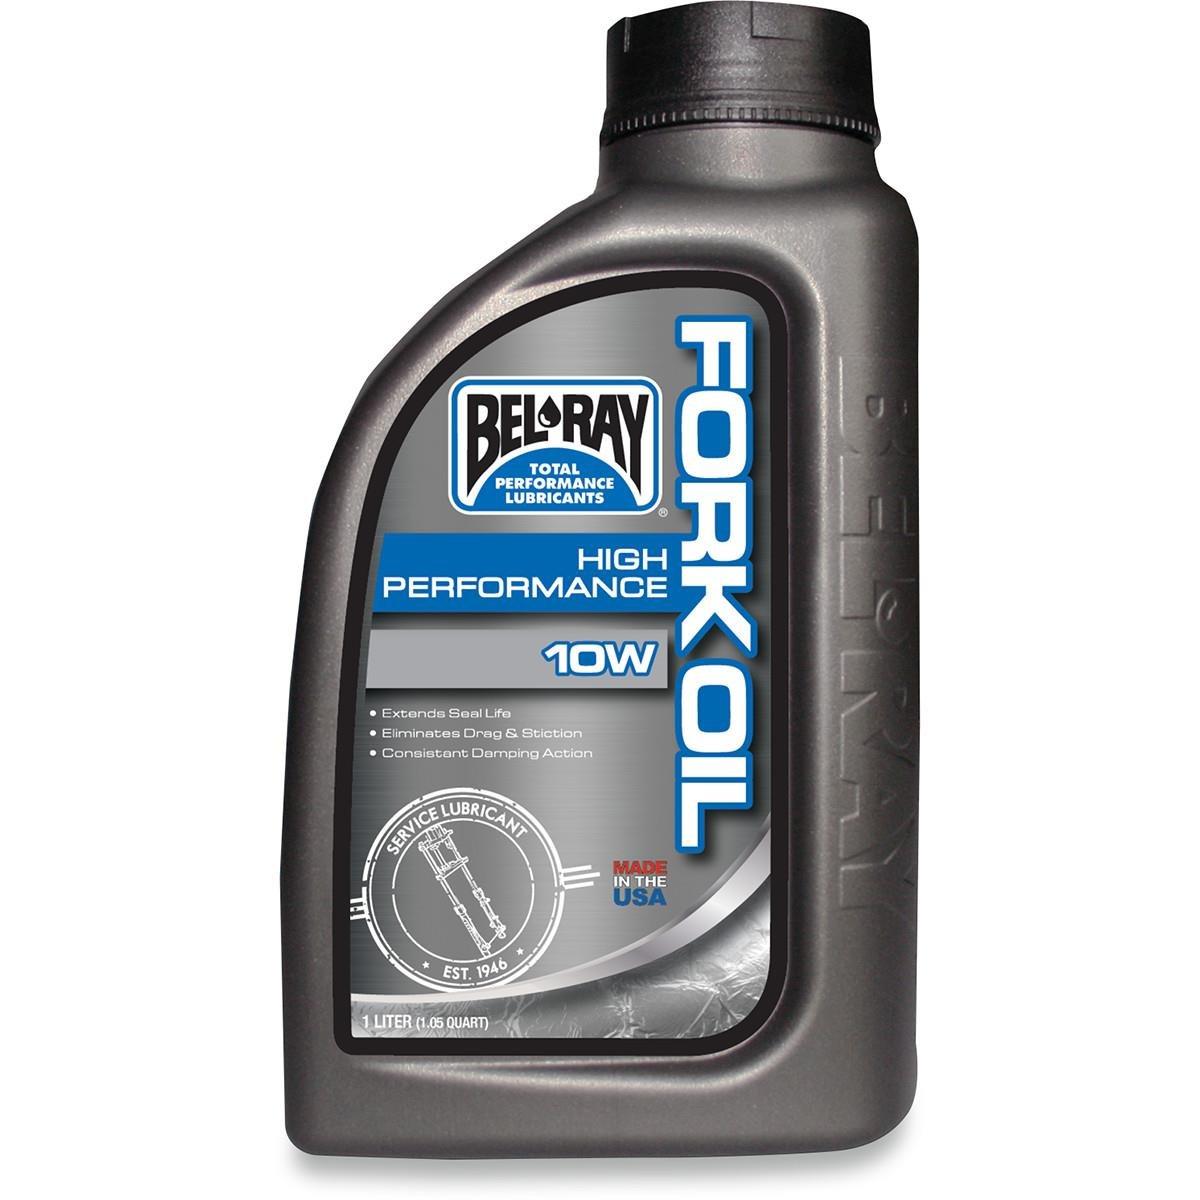 Bel-Ray - High-Performance Fork Oil 15W Liter 99330-B1LW LEPAZA6336 620120